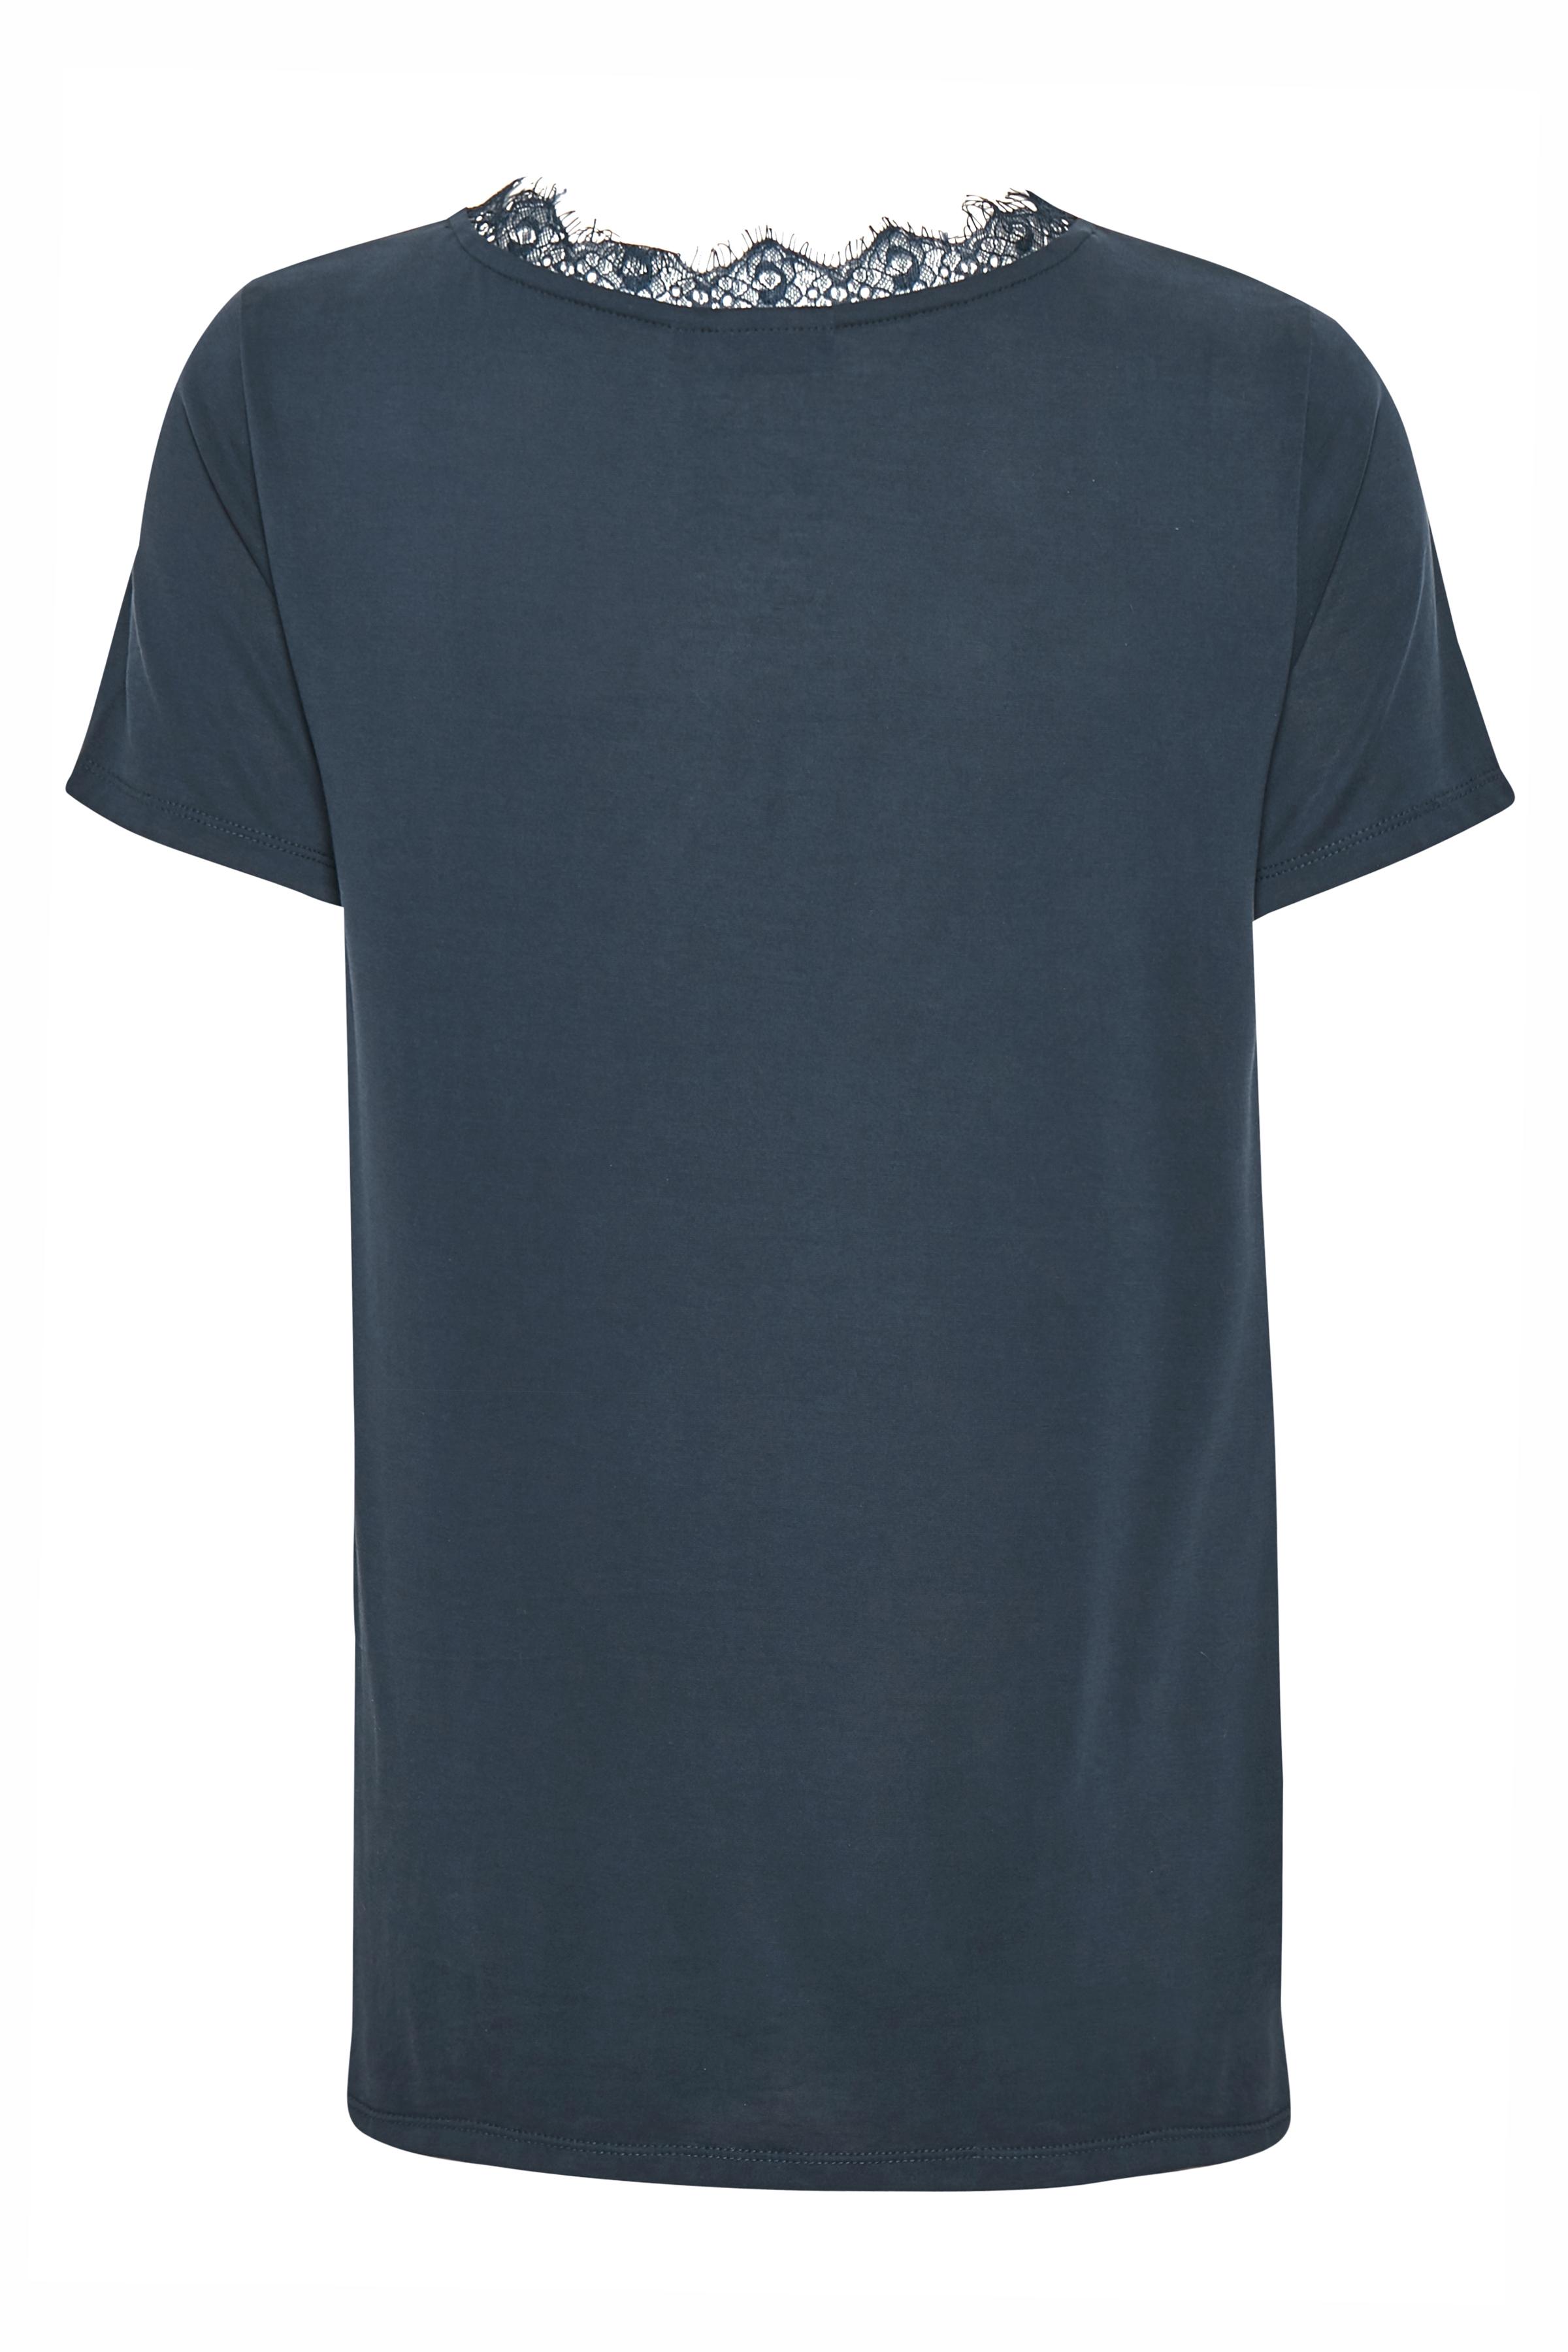 Marinblå Kortärmad blus  från Fransa – Köp Marinblå Kortärmad blus  från stl. XS-XXL här